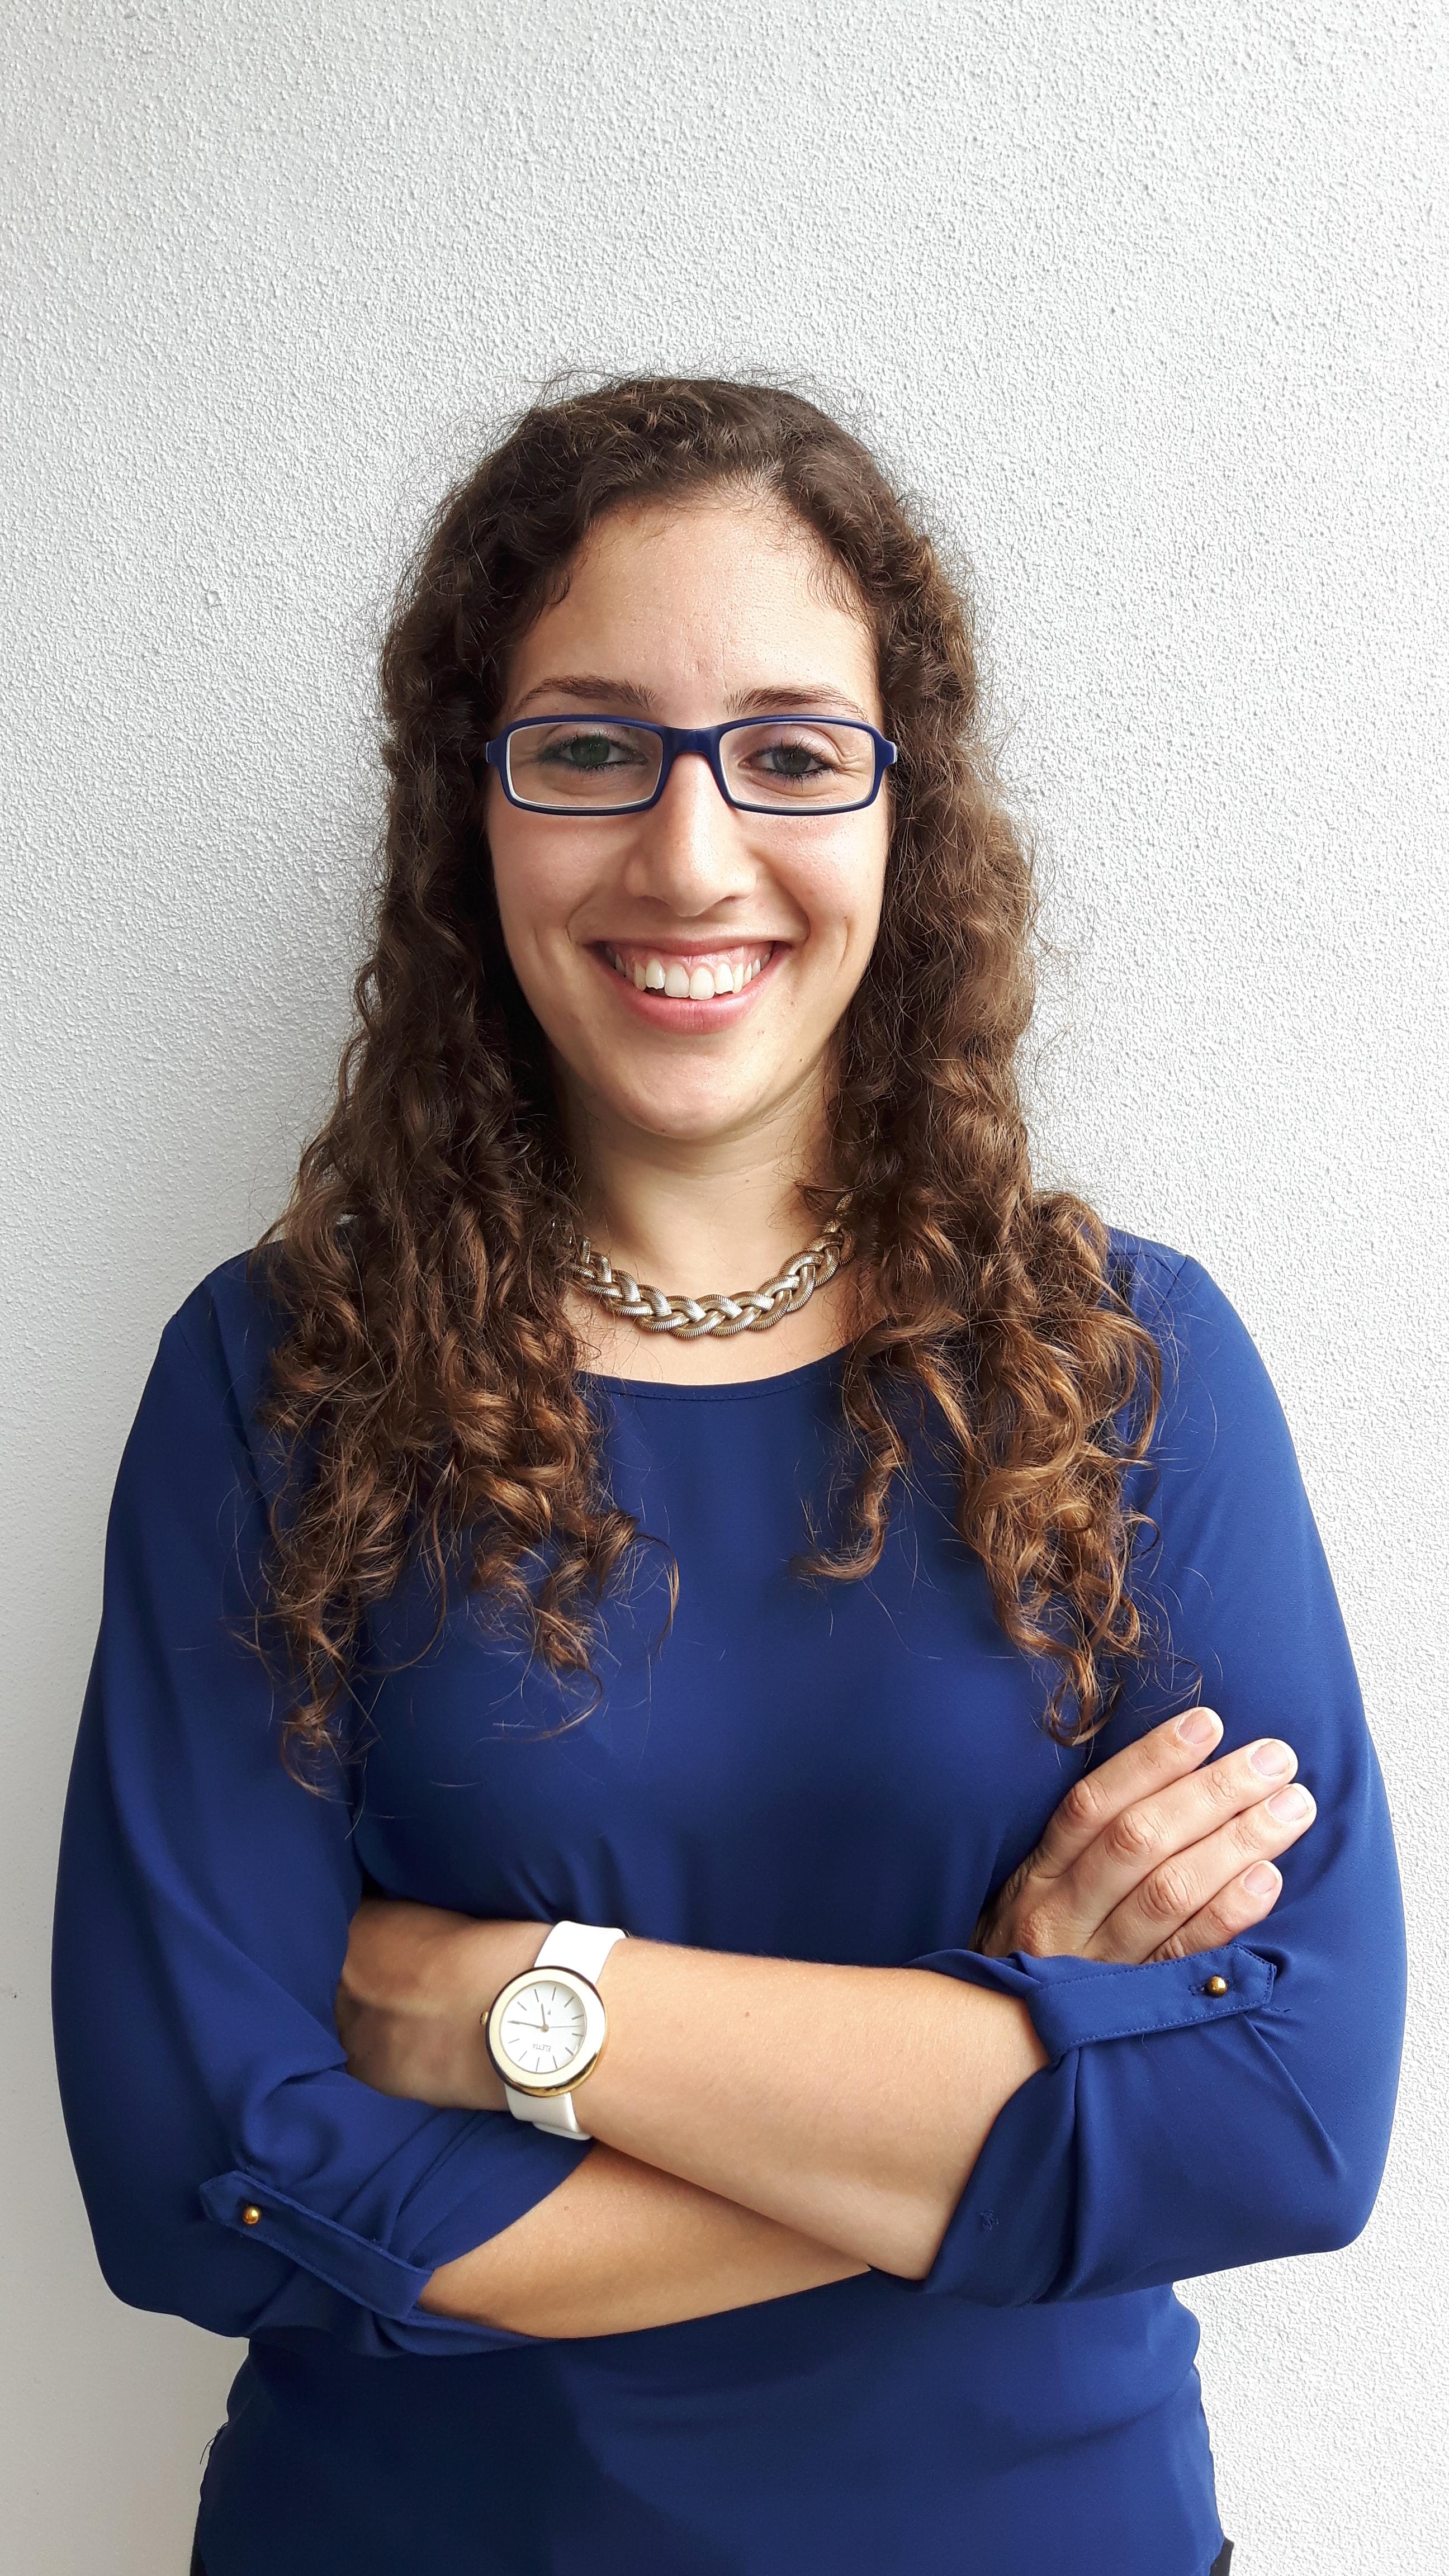 Joana Reis - Candidata PSD_Açores à Calheta